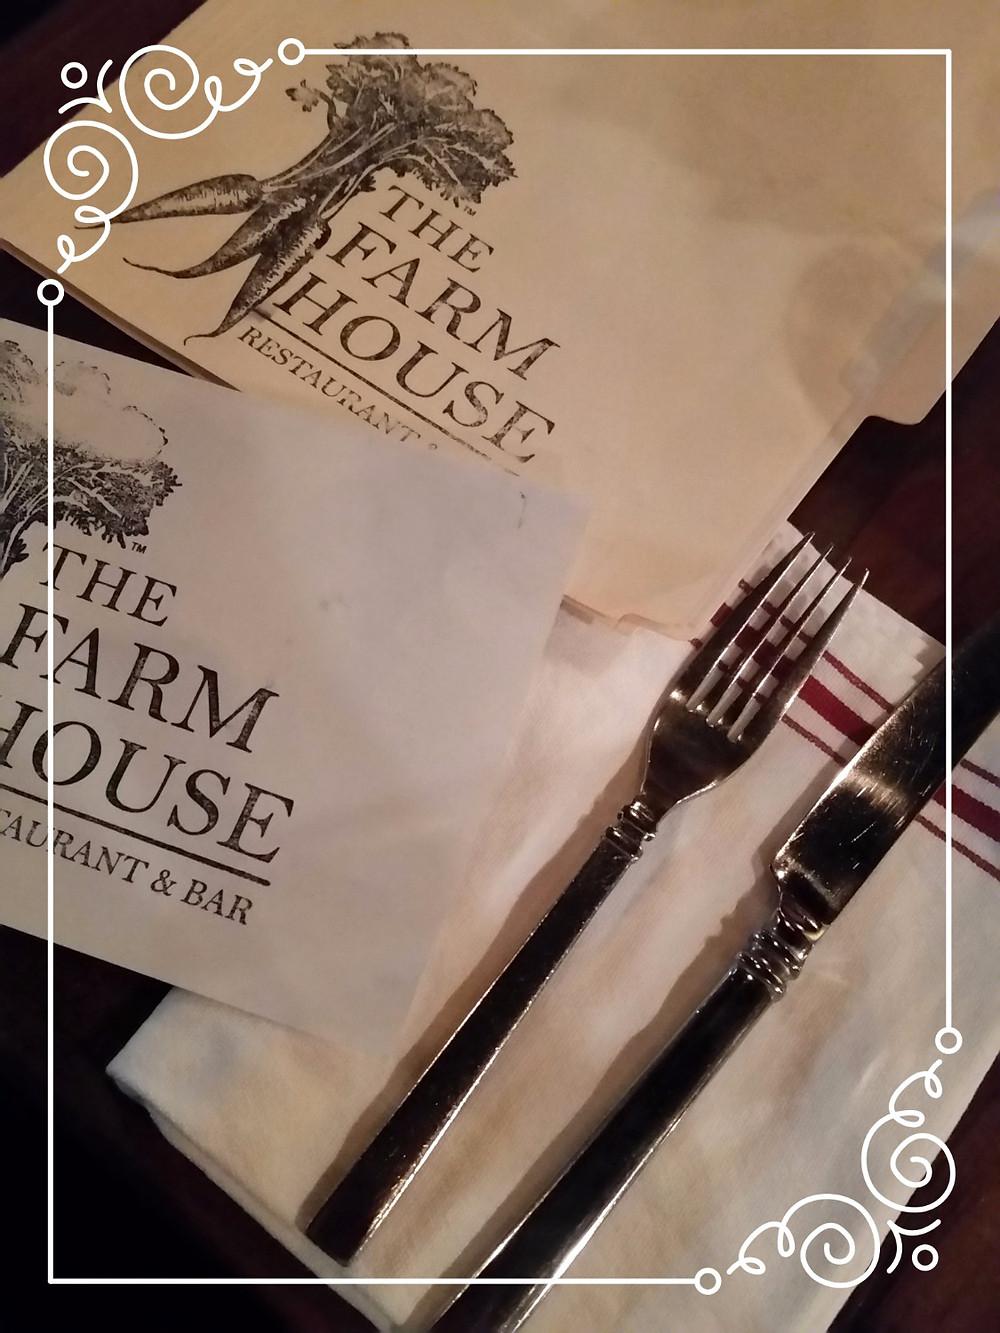 The Farm House Restaurant, Nashville, TN